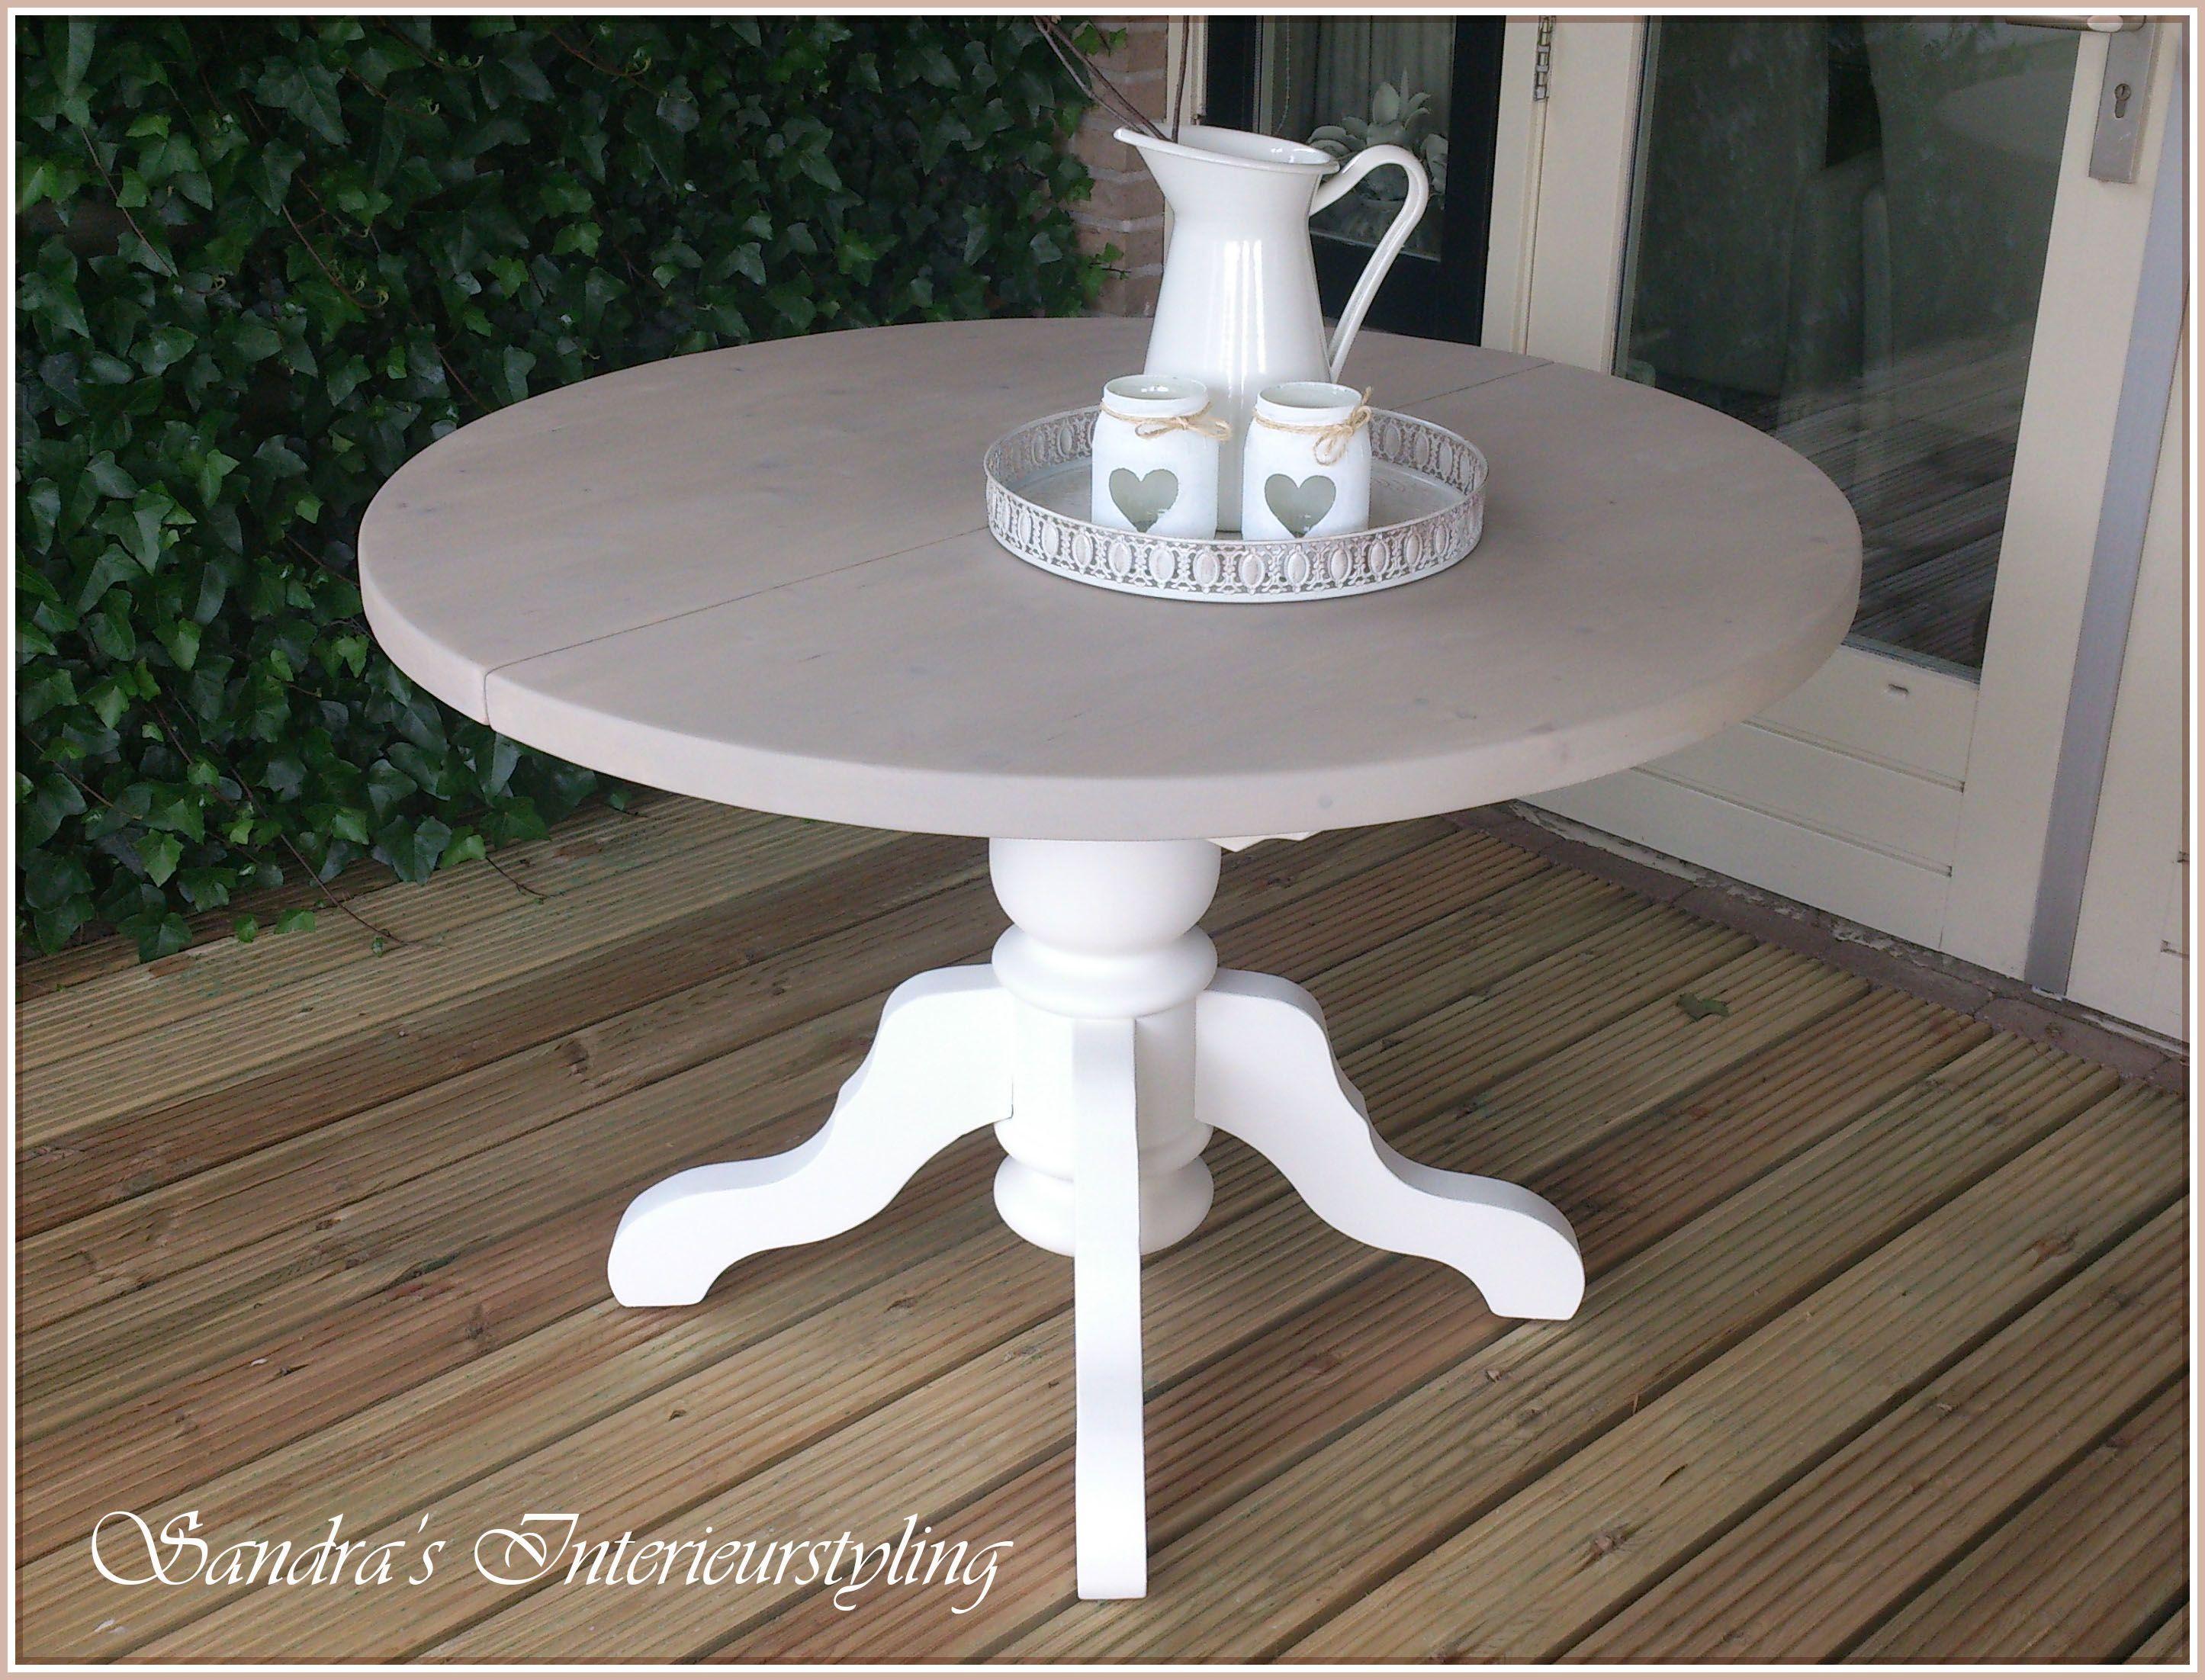 Ronde eetkamer tafel uitschuifbaar RM stijl en erg leuk